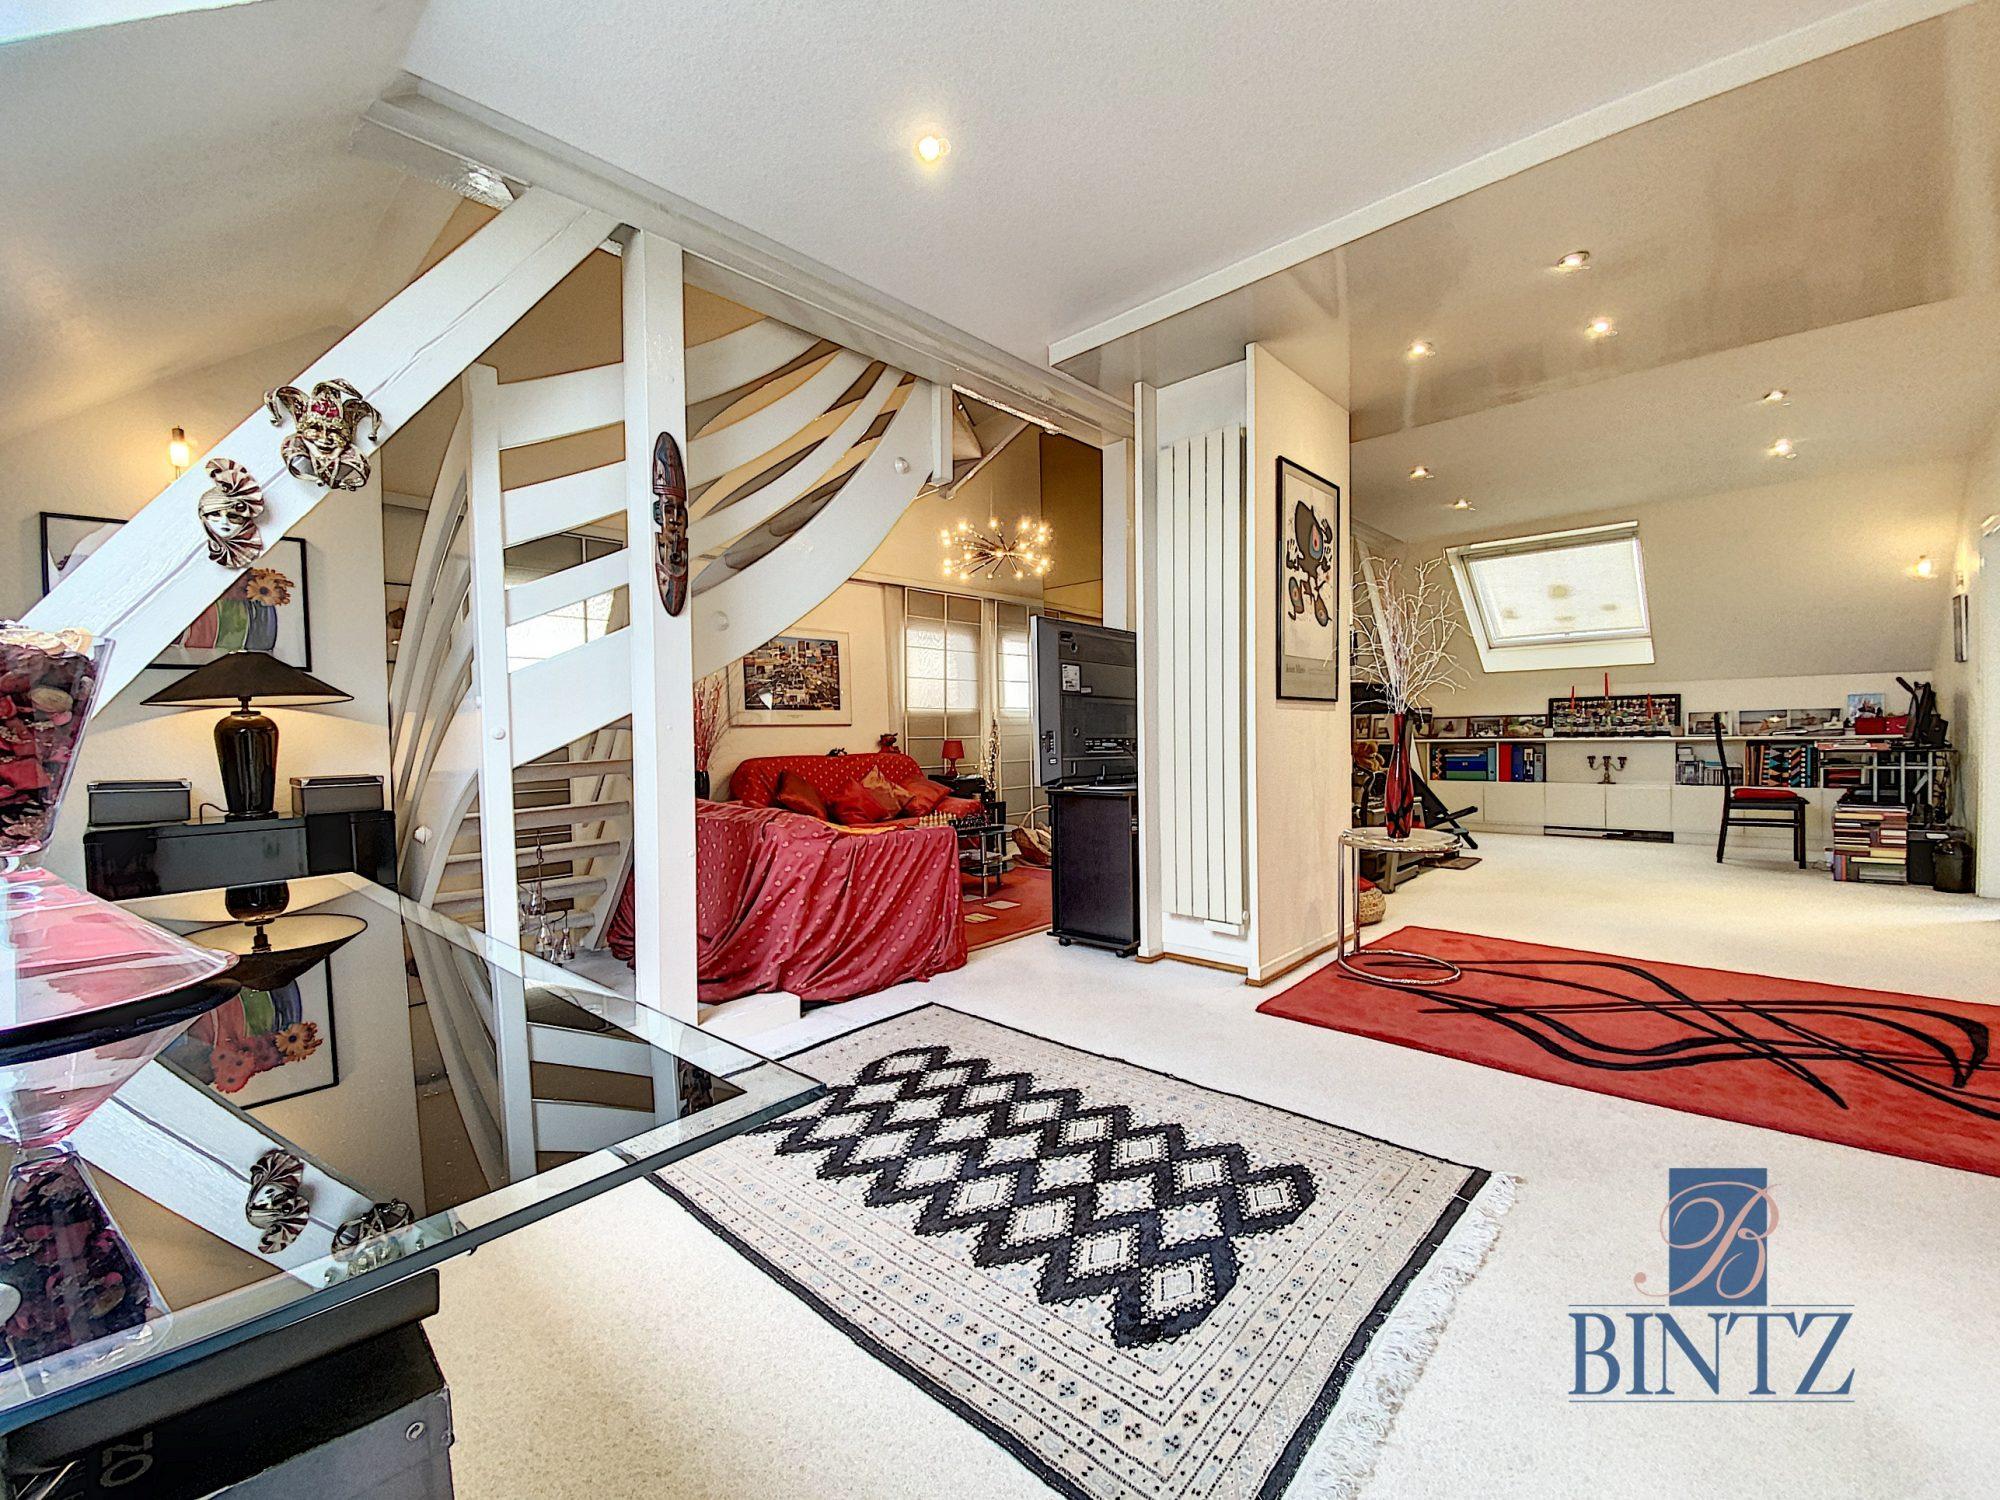 Superbe appartement 7 pièces à la Robertsau - Devenez propriétaire en toute confiance - Bintz Immobilier - 9